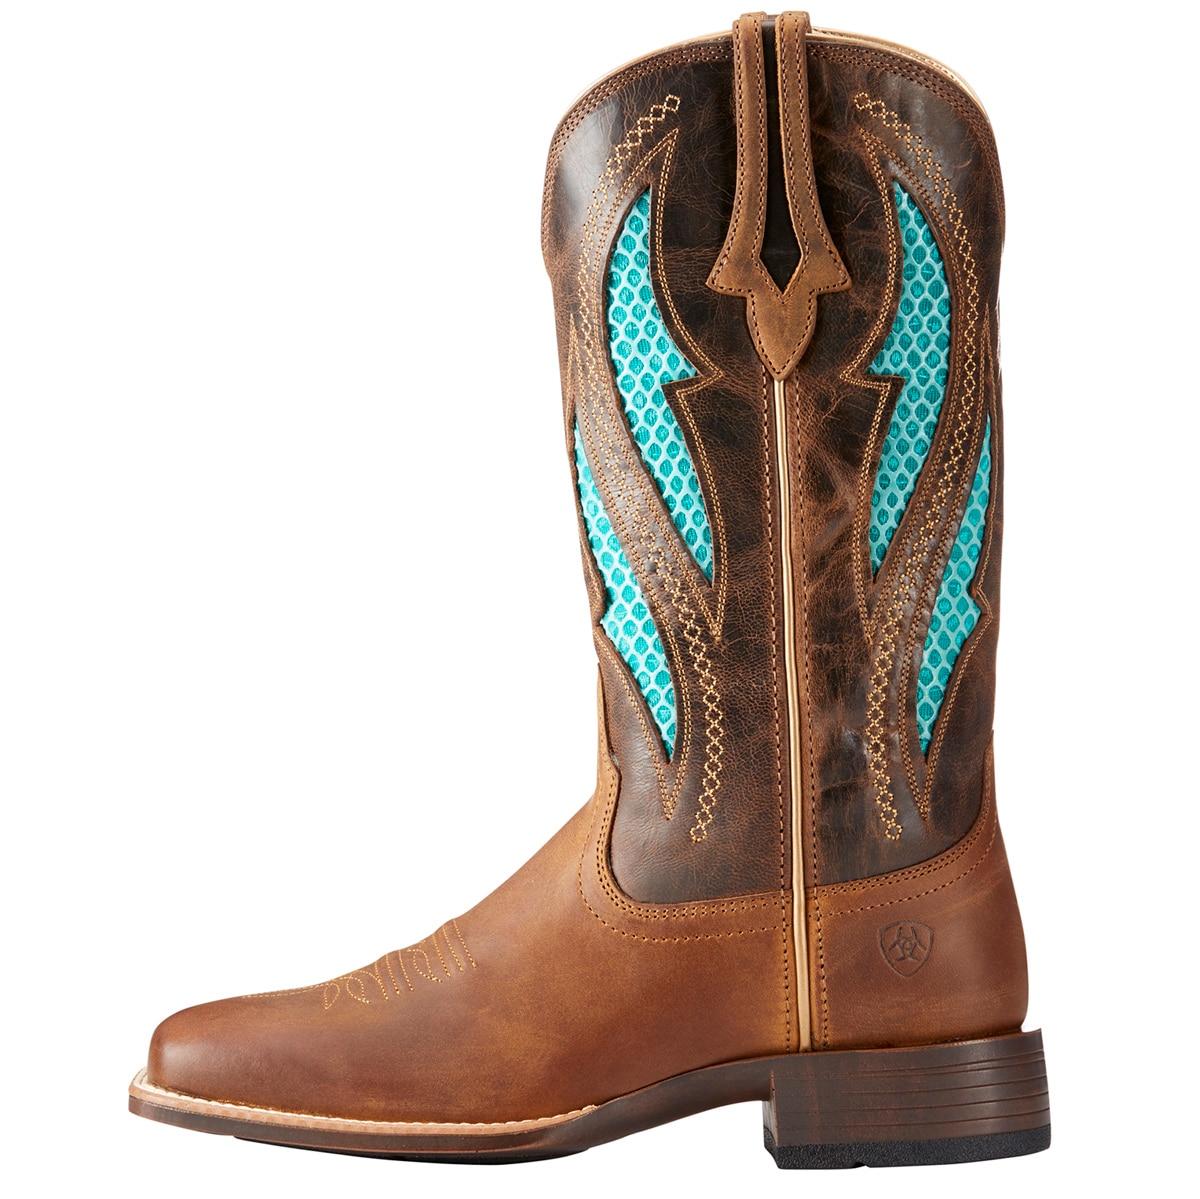 3ec4a74c4cb Ariat Women's VentTEK Ultra Western Boots